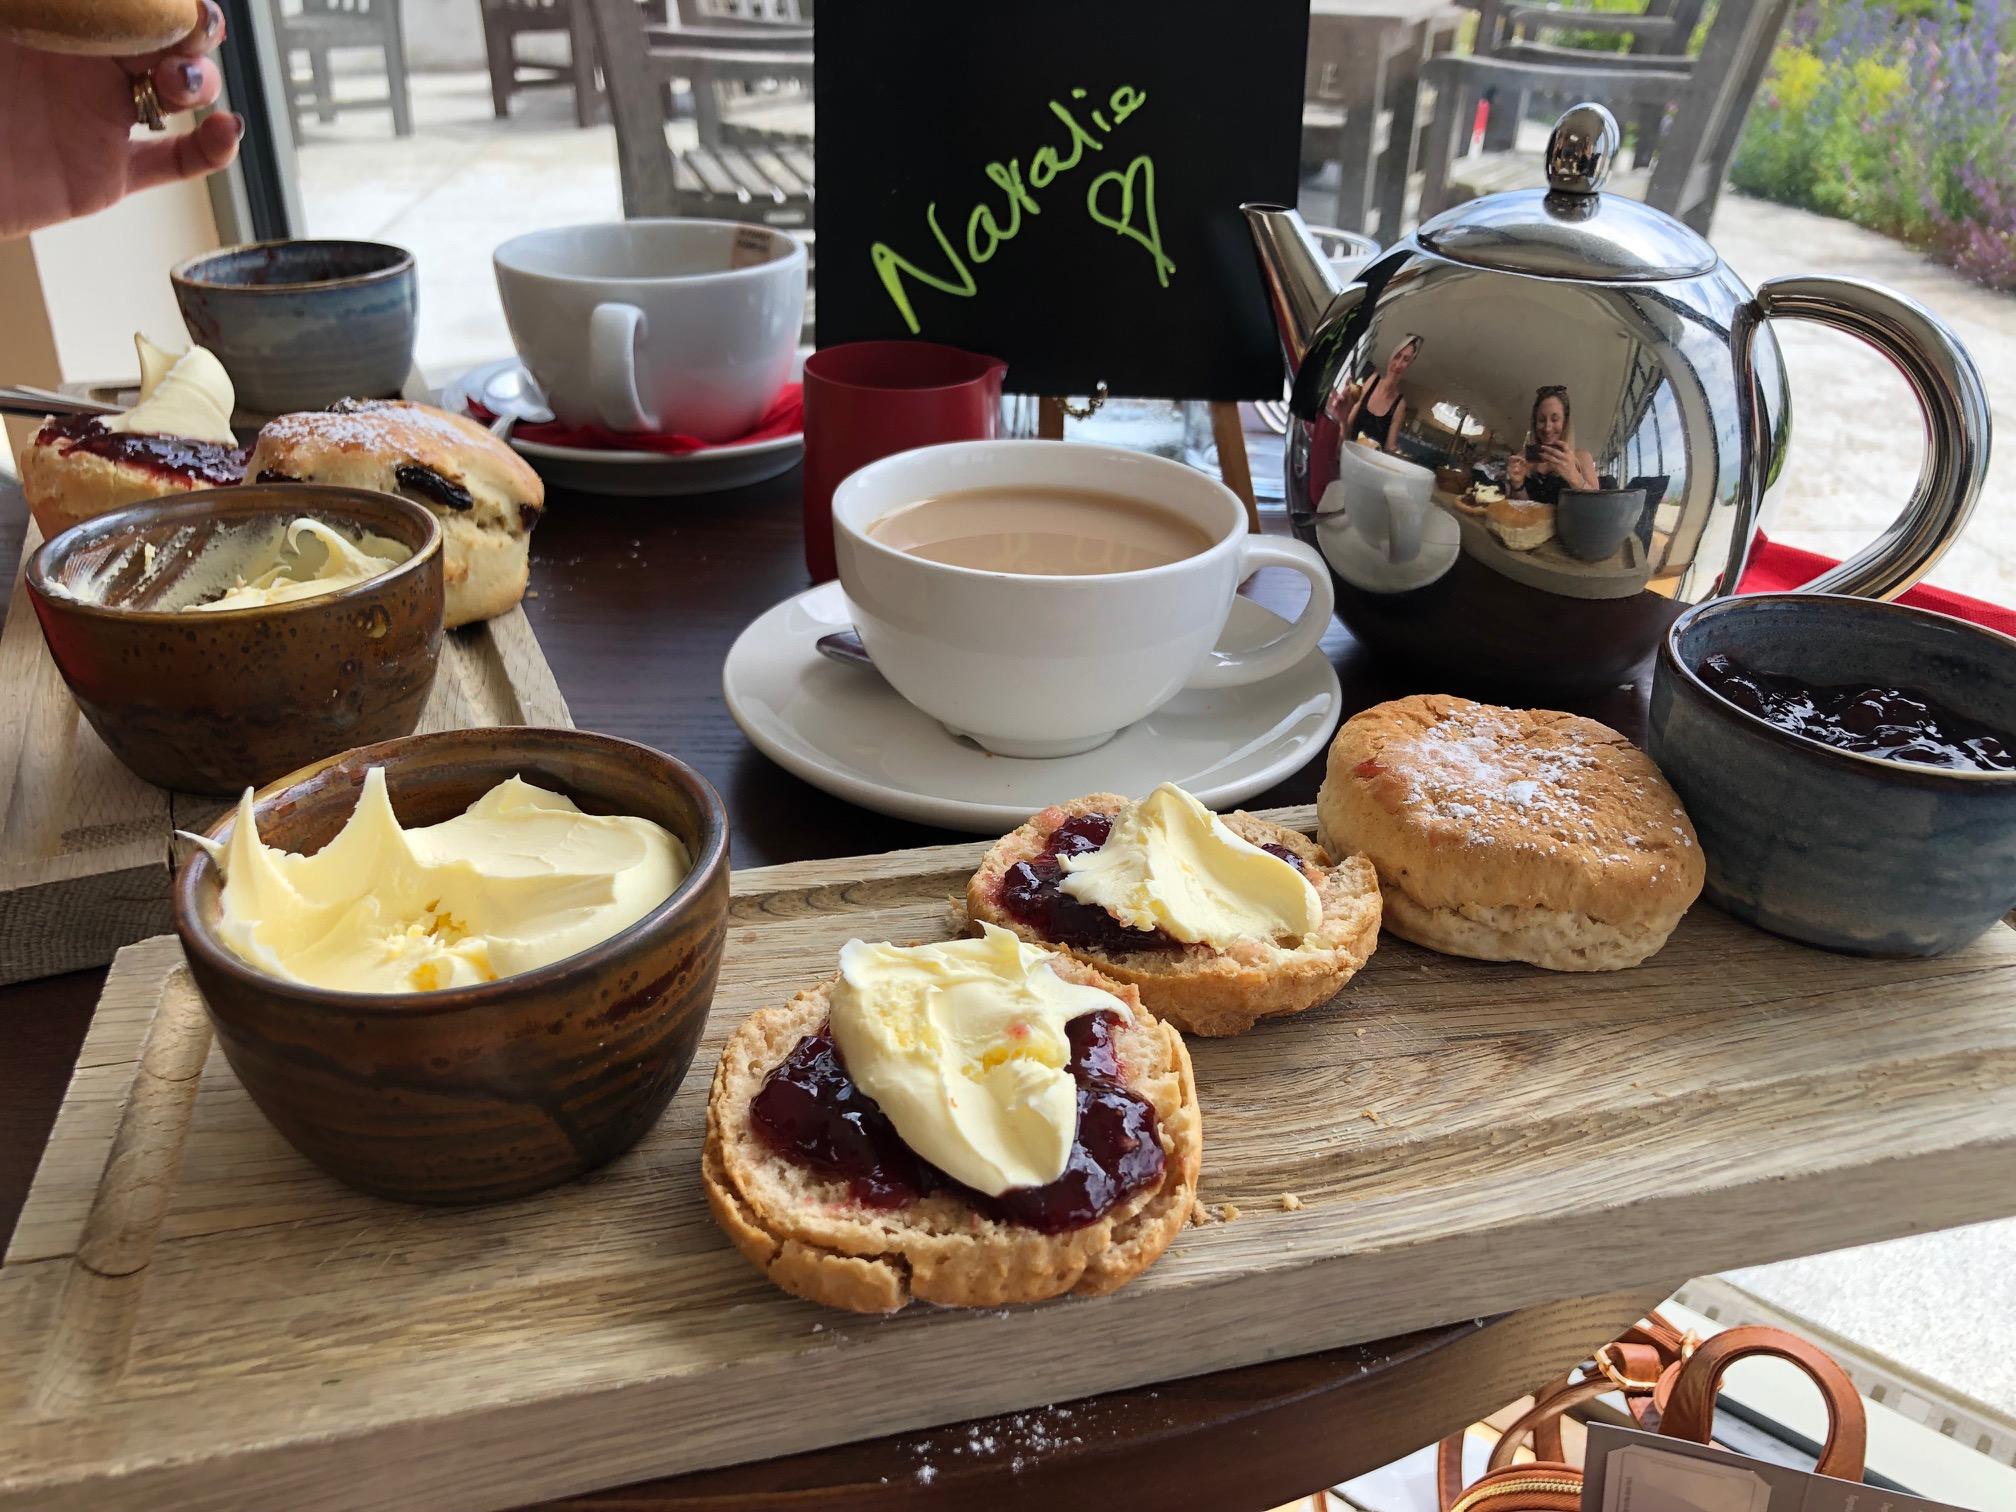 Cornish cream tea and scones.